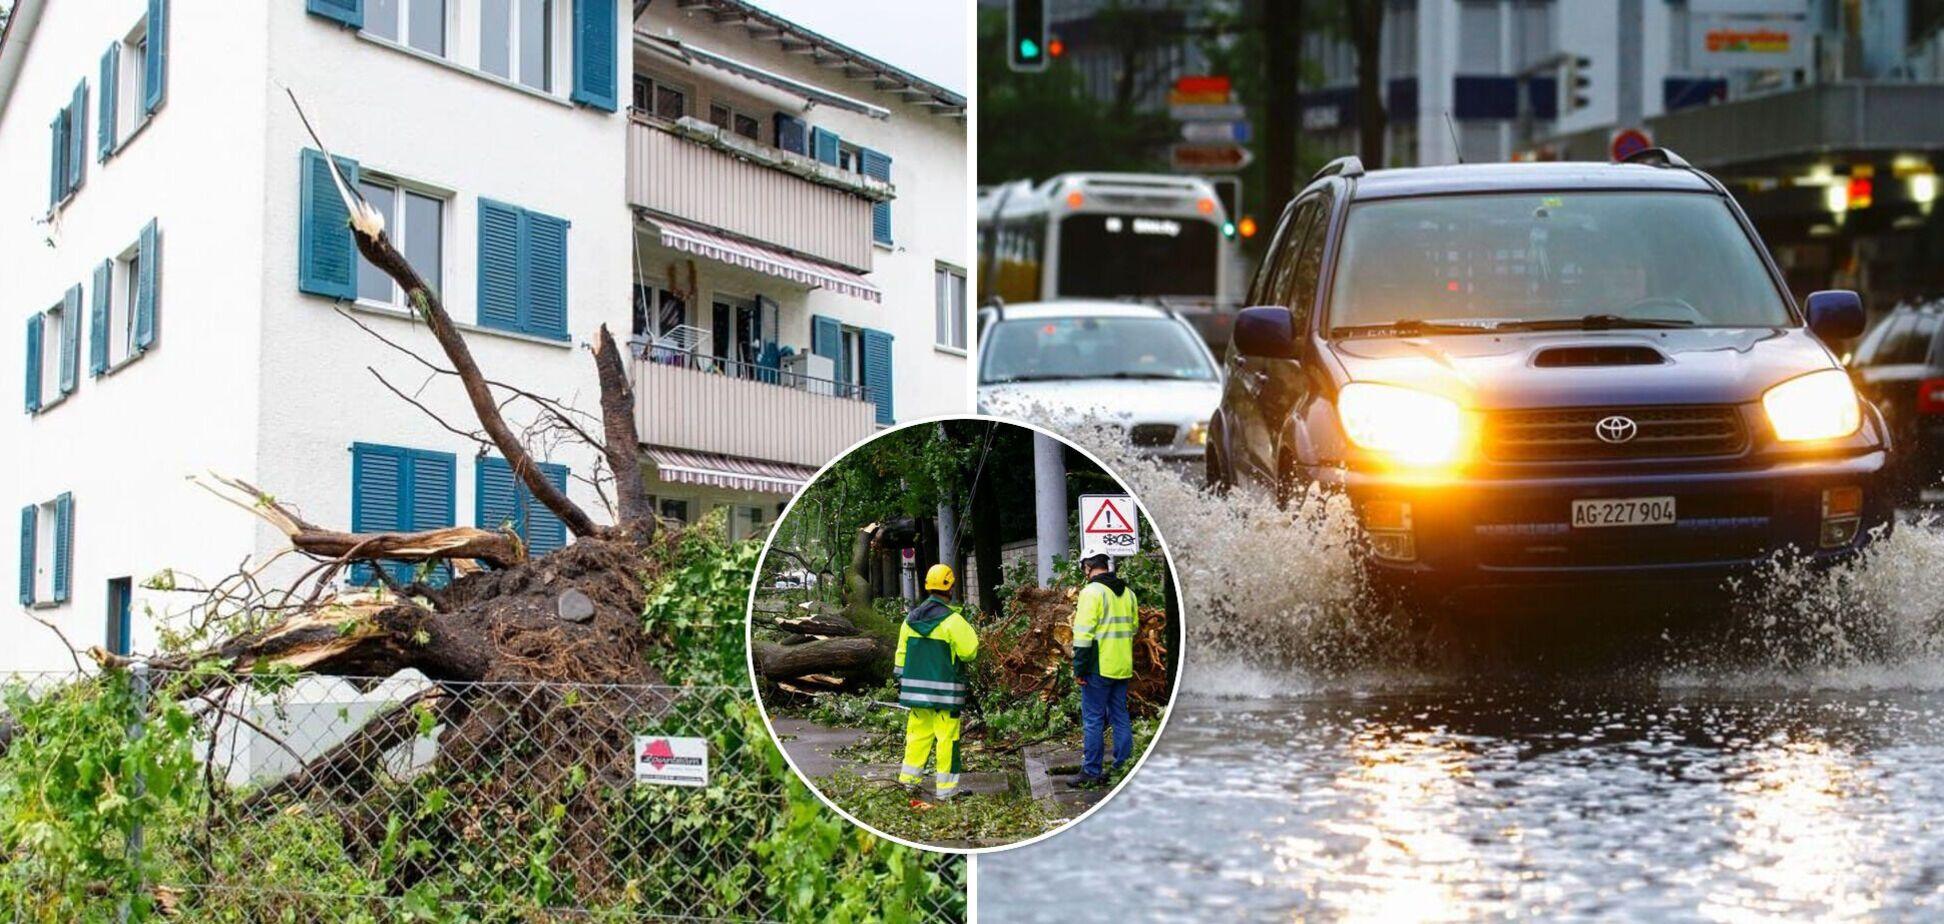 Цюрих накрила потужна злива, ураганний вітер трощив дерева та авто. Фото і відео